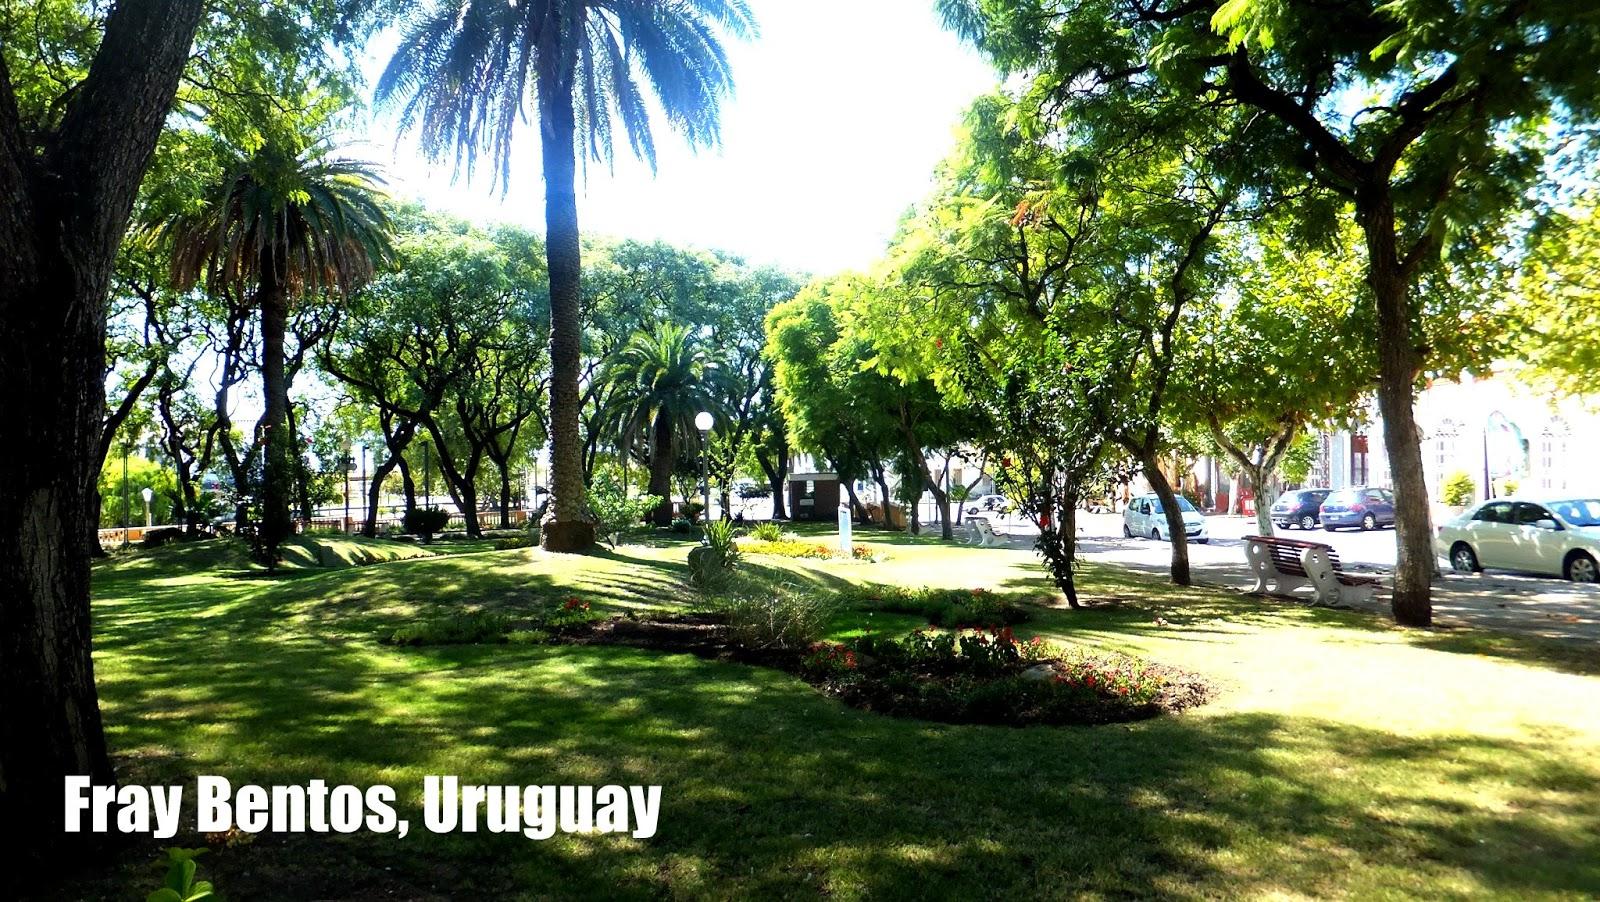 Fray Bentos, Uruguay, la buena vida